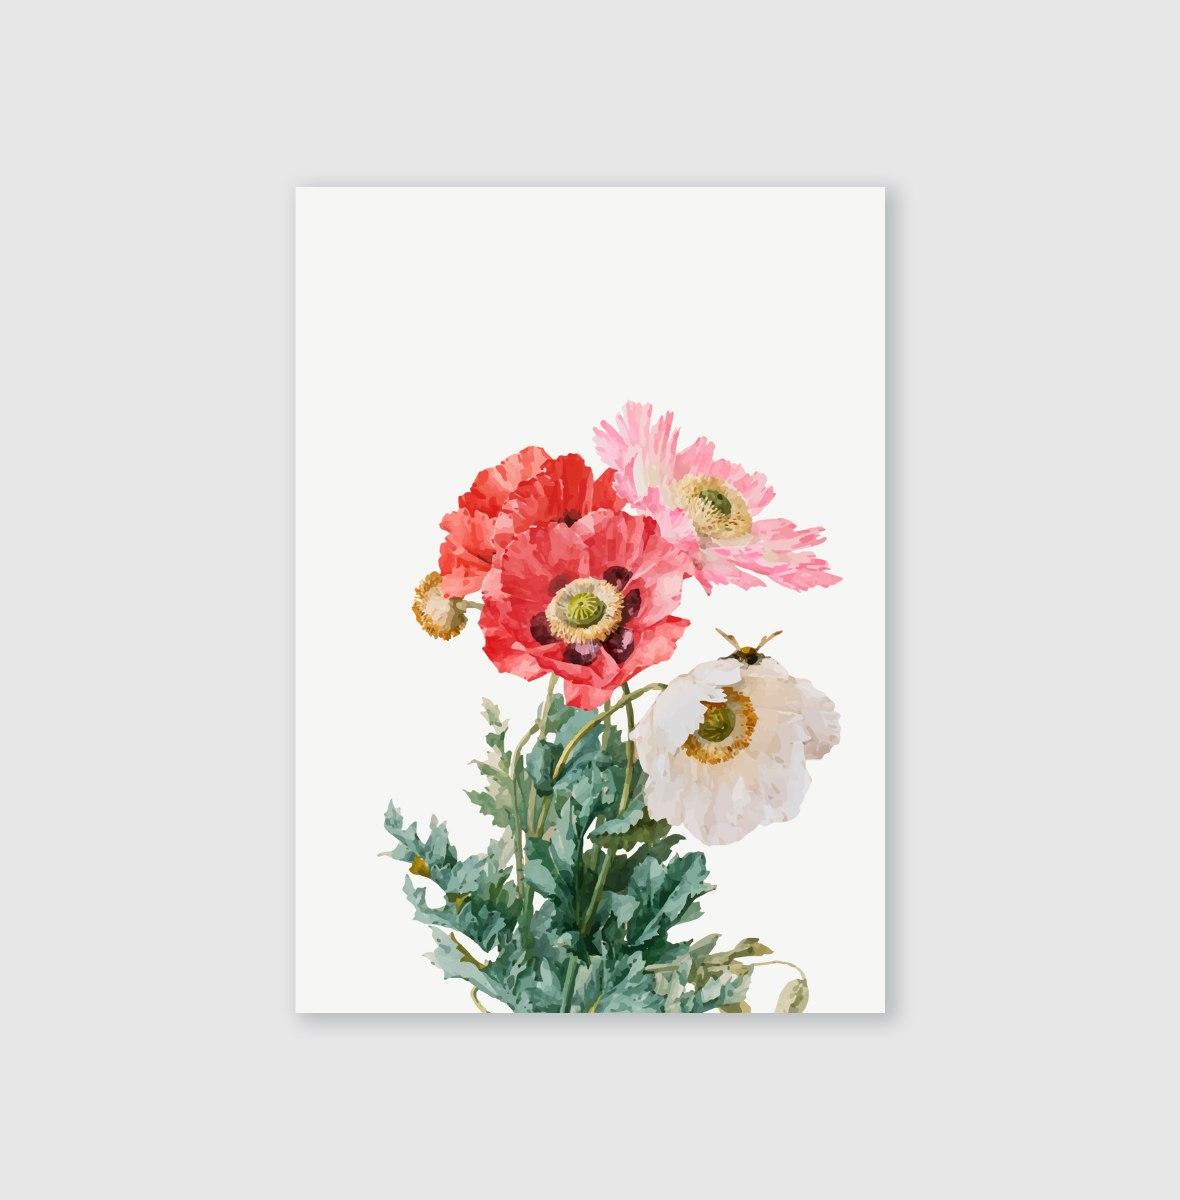 אביב הגיע- הדפס ציור על נייר